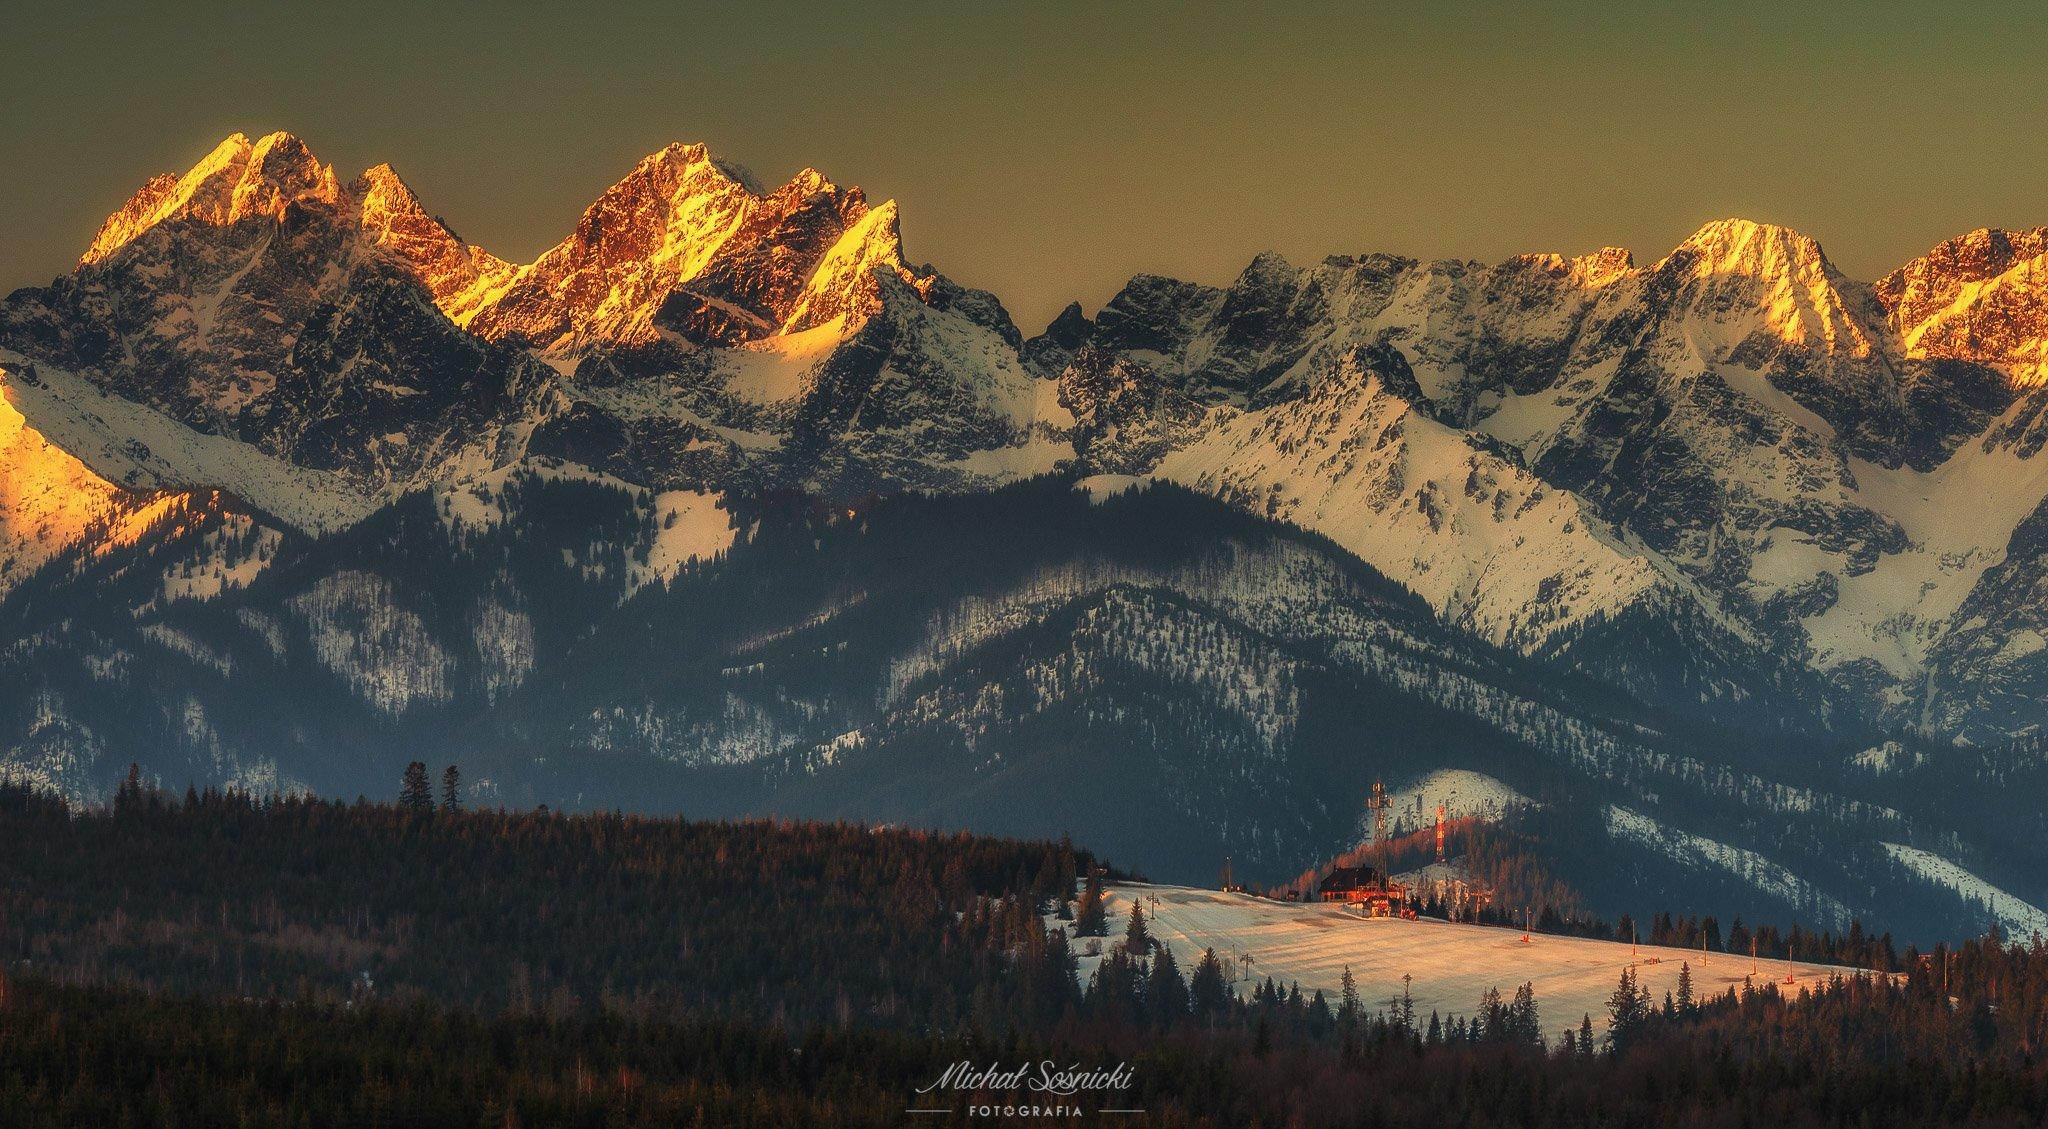 #poland #tree #sunrise #sky #nature #poland #pentax #benro #rock #mountains #spring, Sośnicki Michał